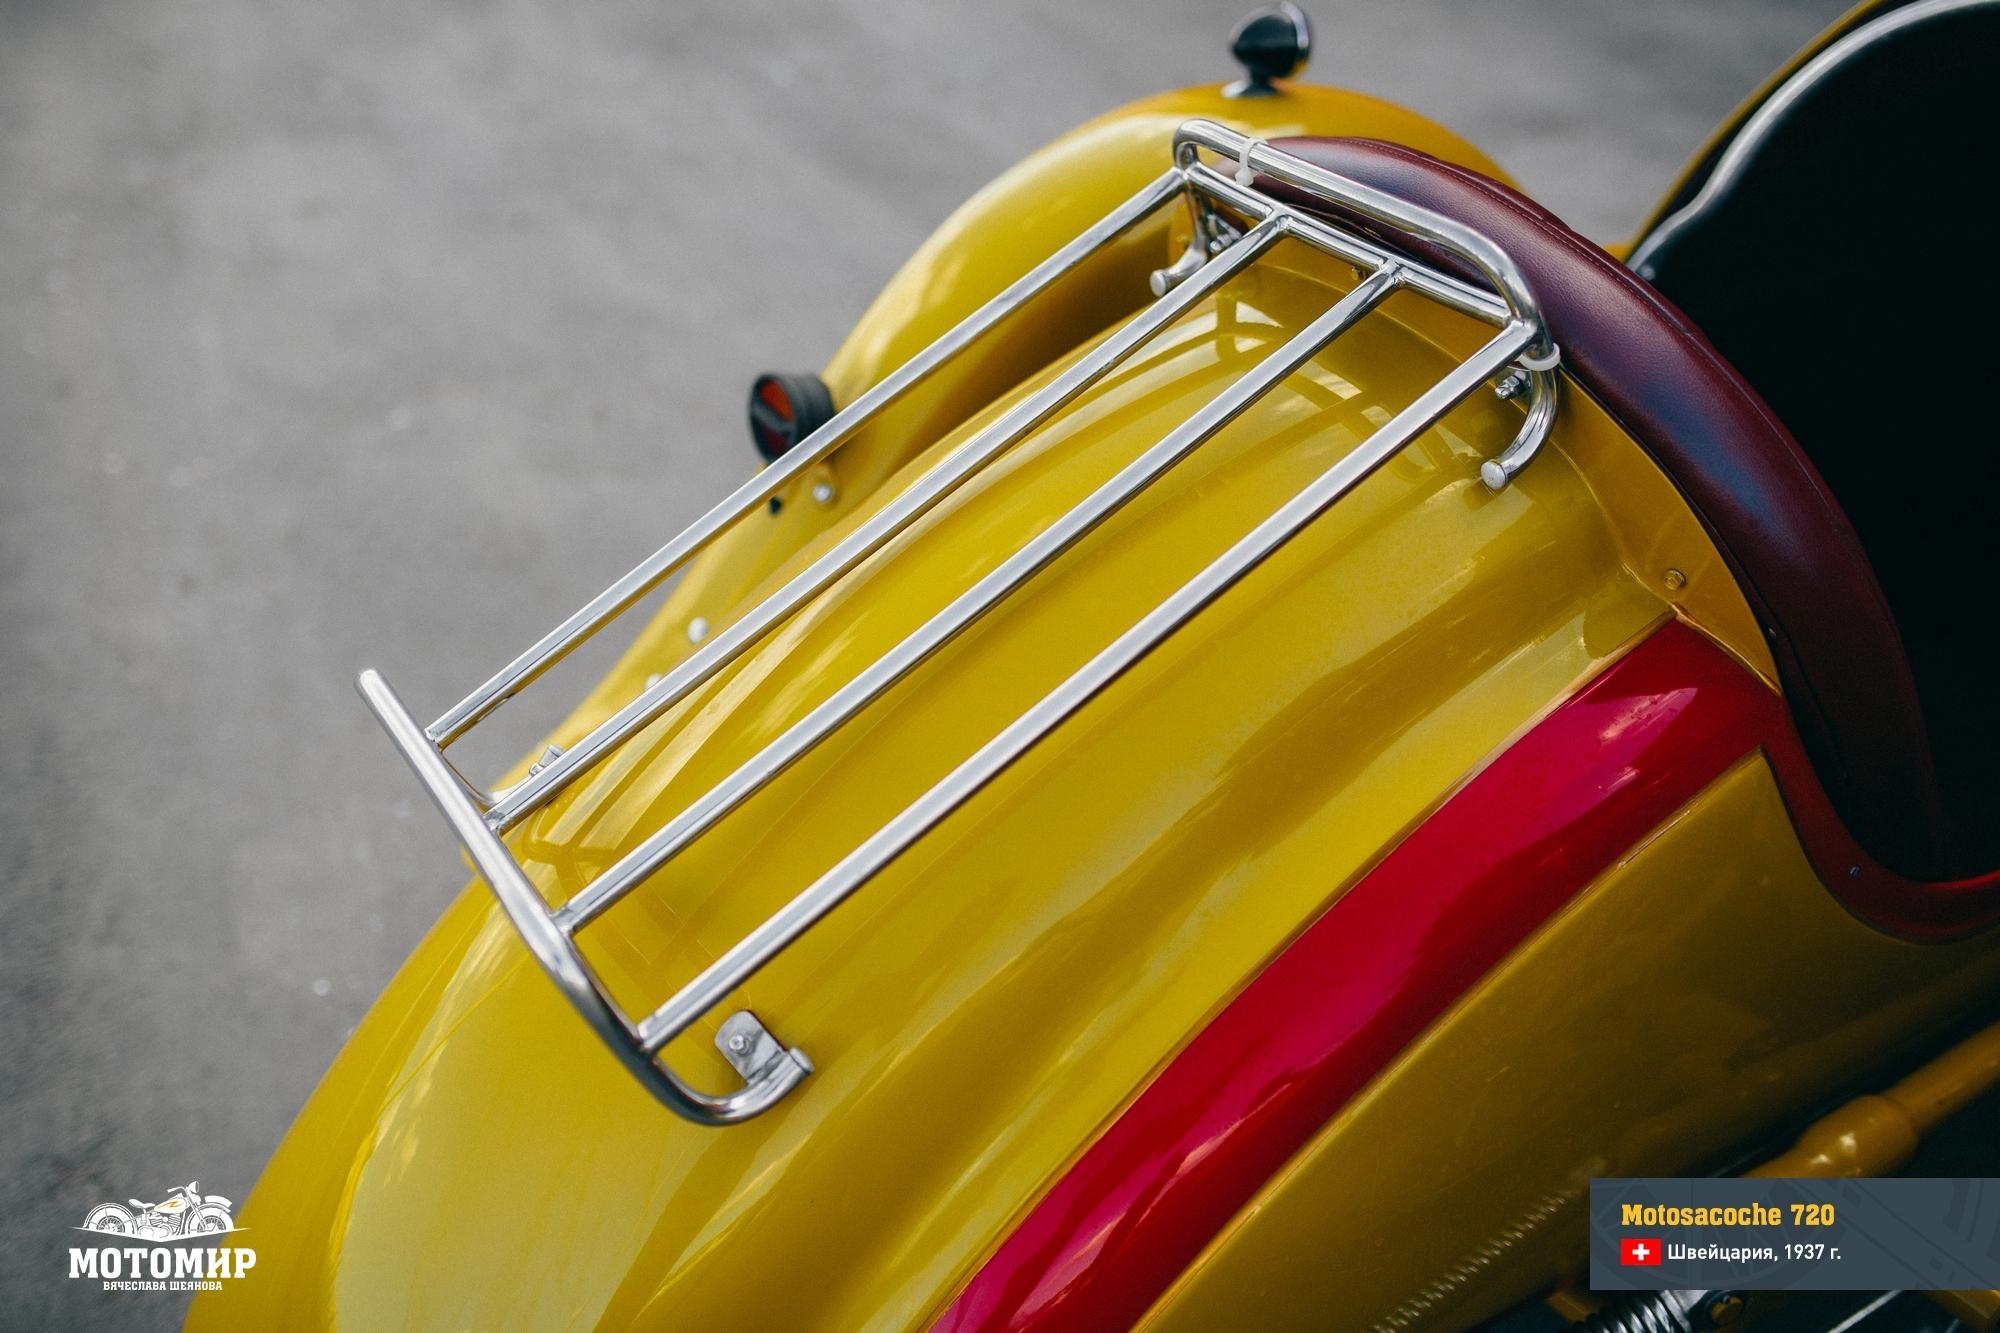 motosacoche-720-201510-web-20